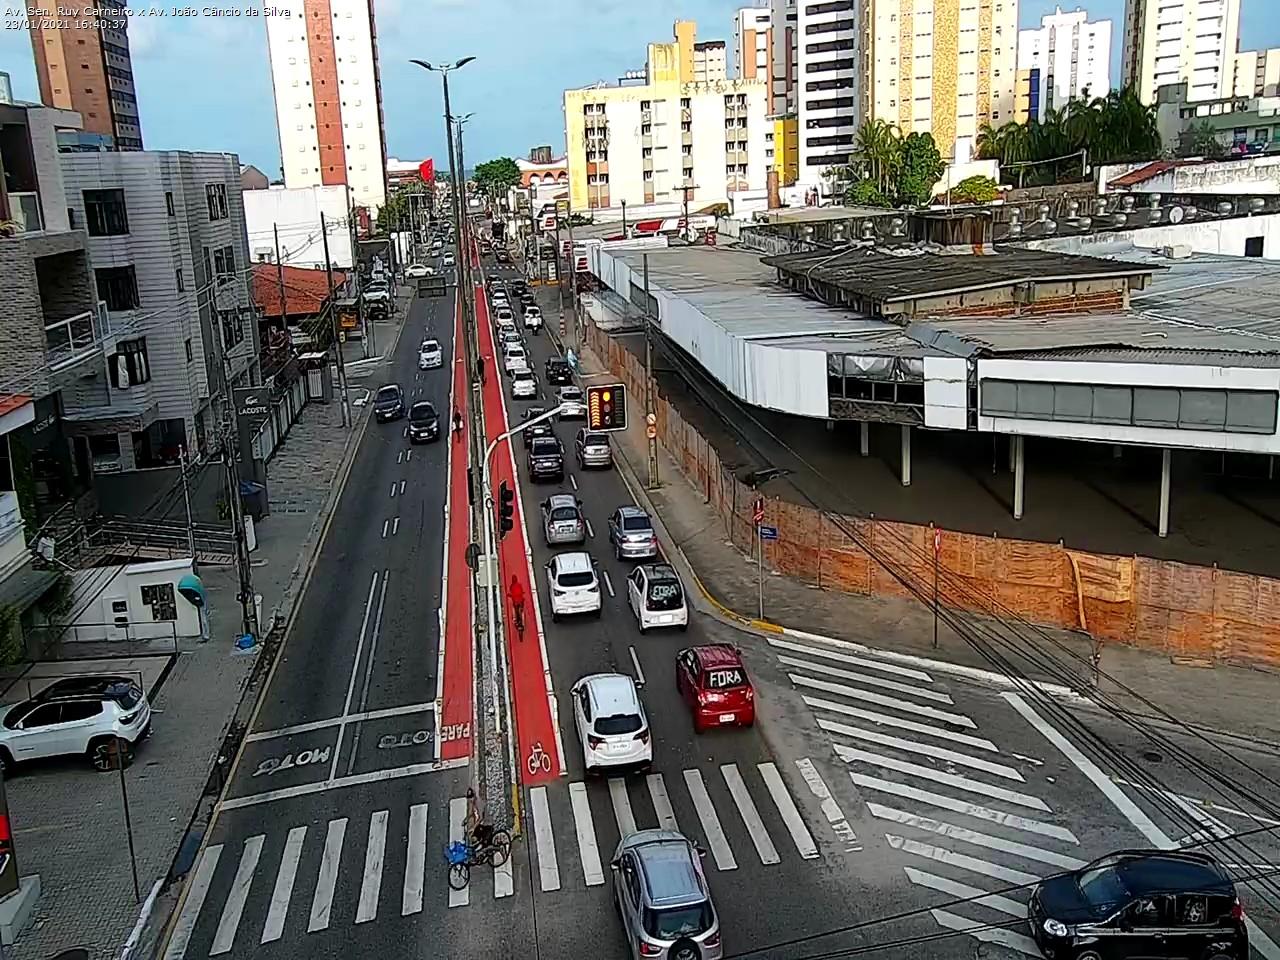 protesto 6 - Manifestantes pedem impeachment de Bolsonaro em João Pessoa - VEJA IMAGENS E VÍDEOS